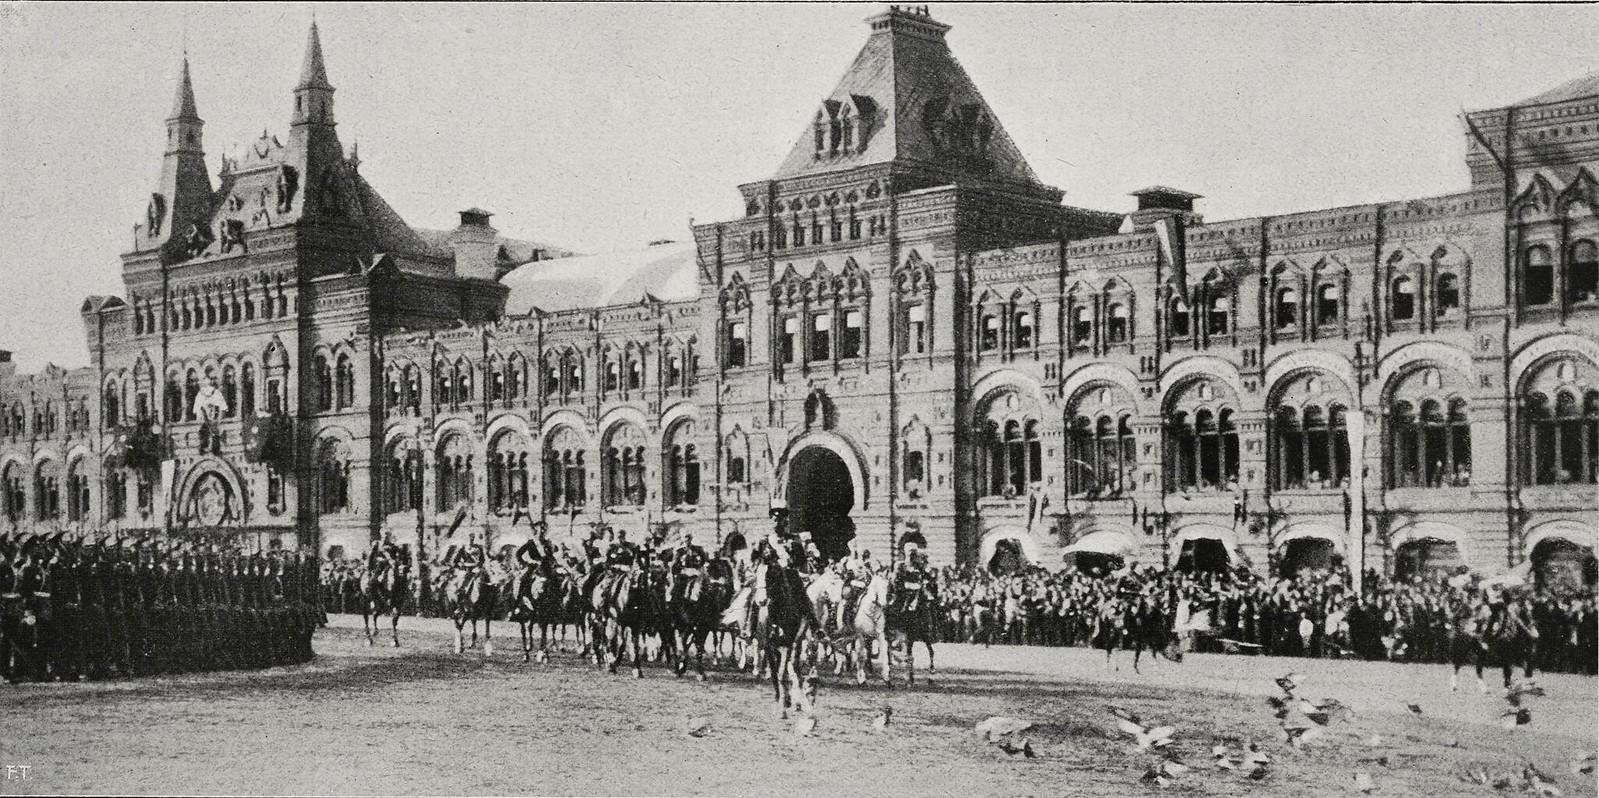 Прибытие Николая II и Александры Федоровны на Красную площадь